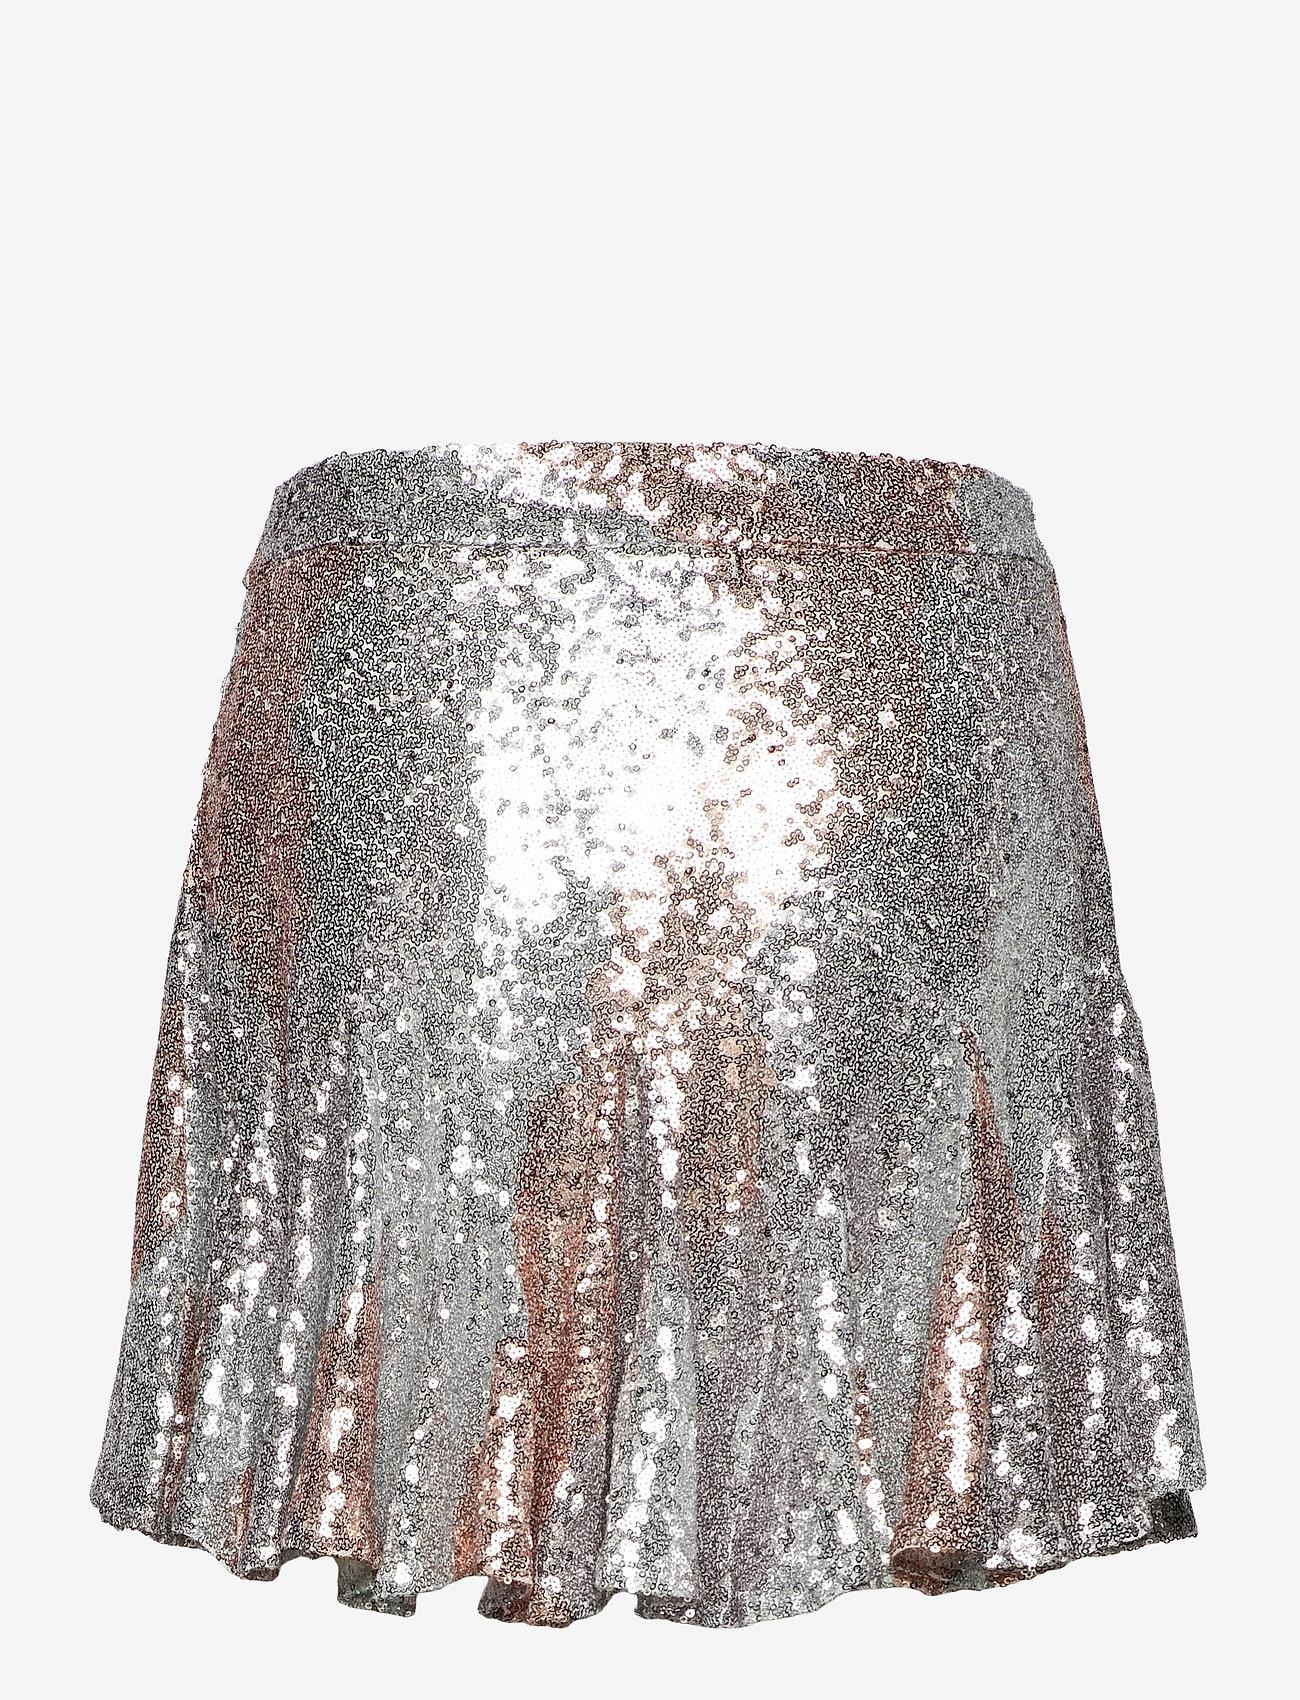 Ravn - CLEO SKIRT - korta kjolar - 70's wave - 1